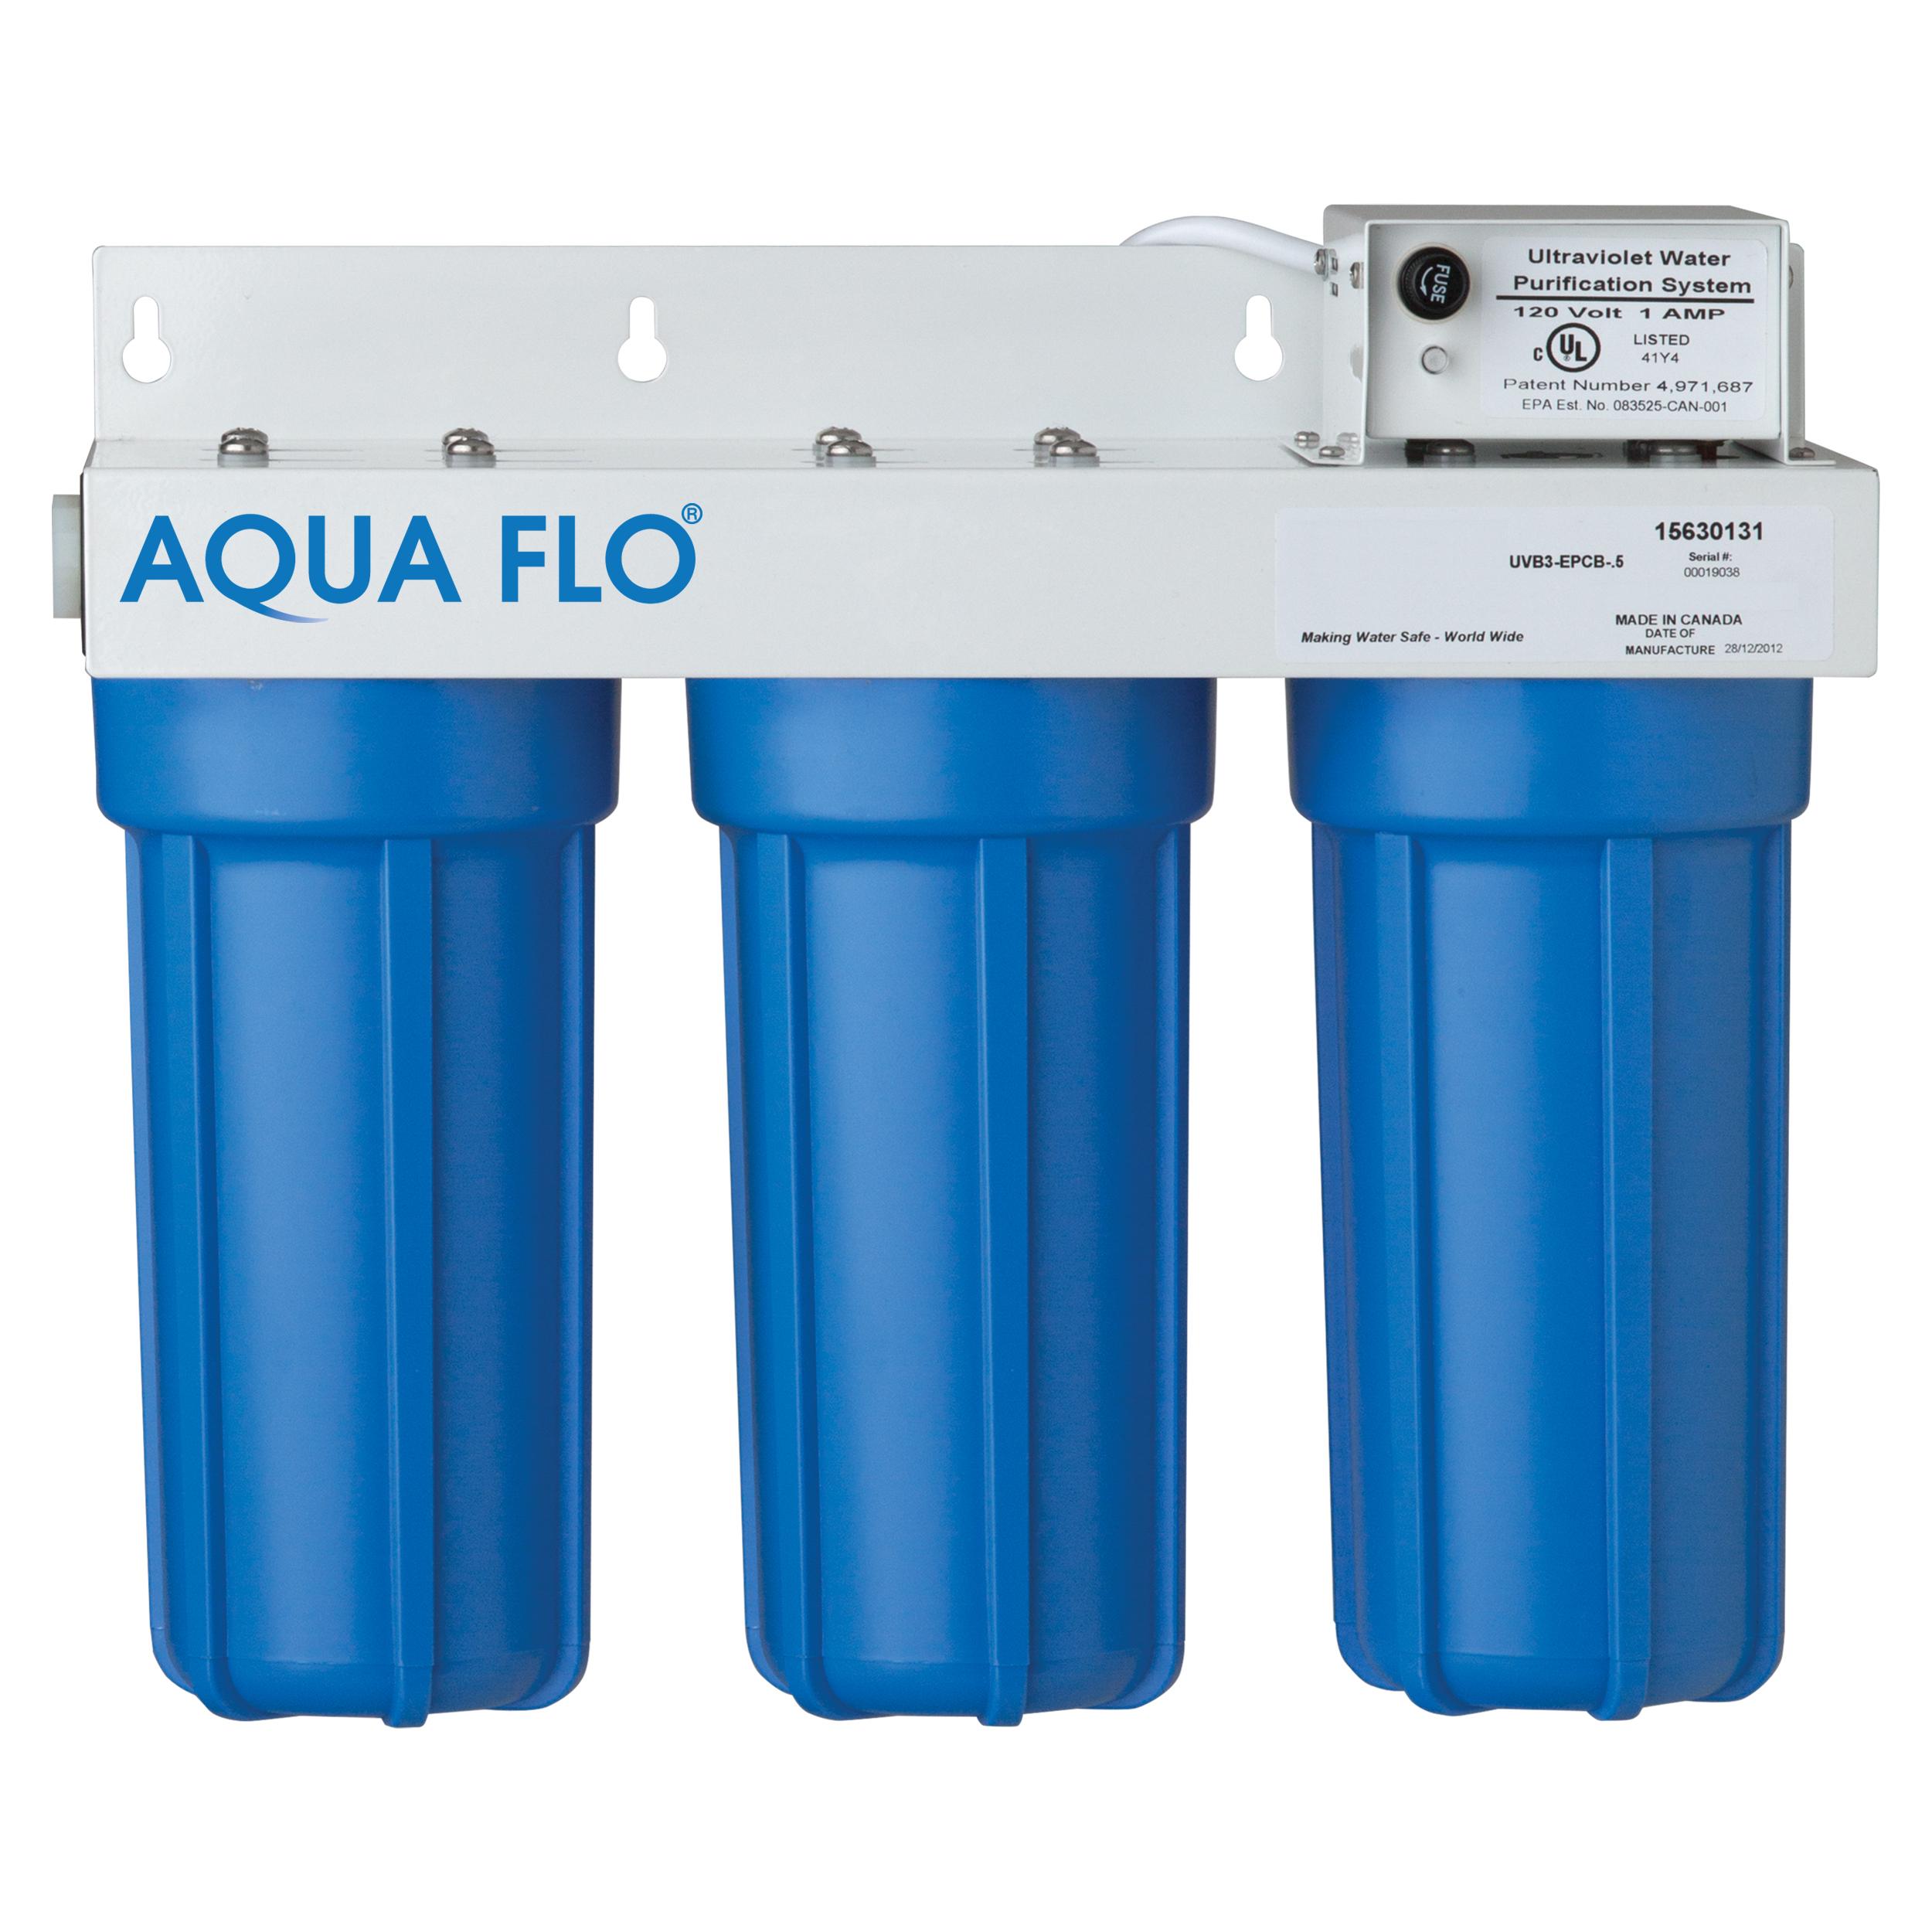 Aqua Flo_UVB_3.jpg